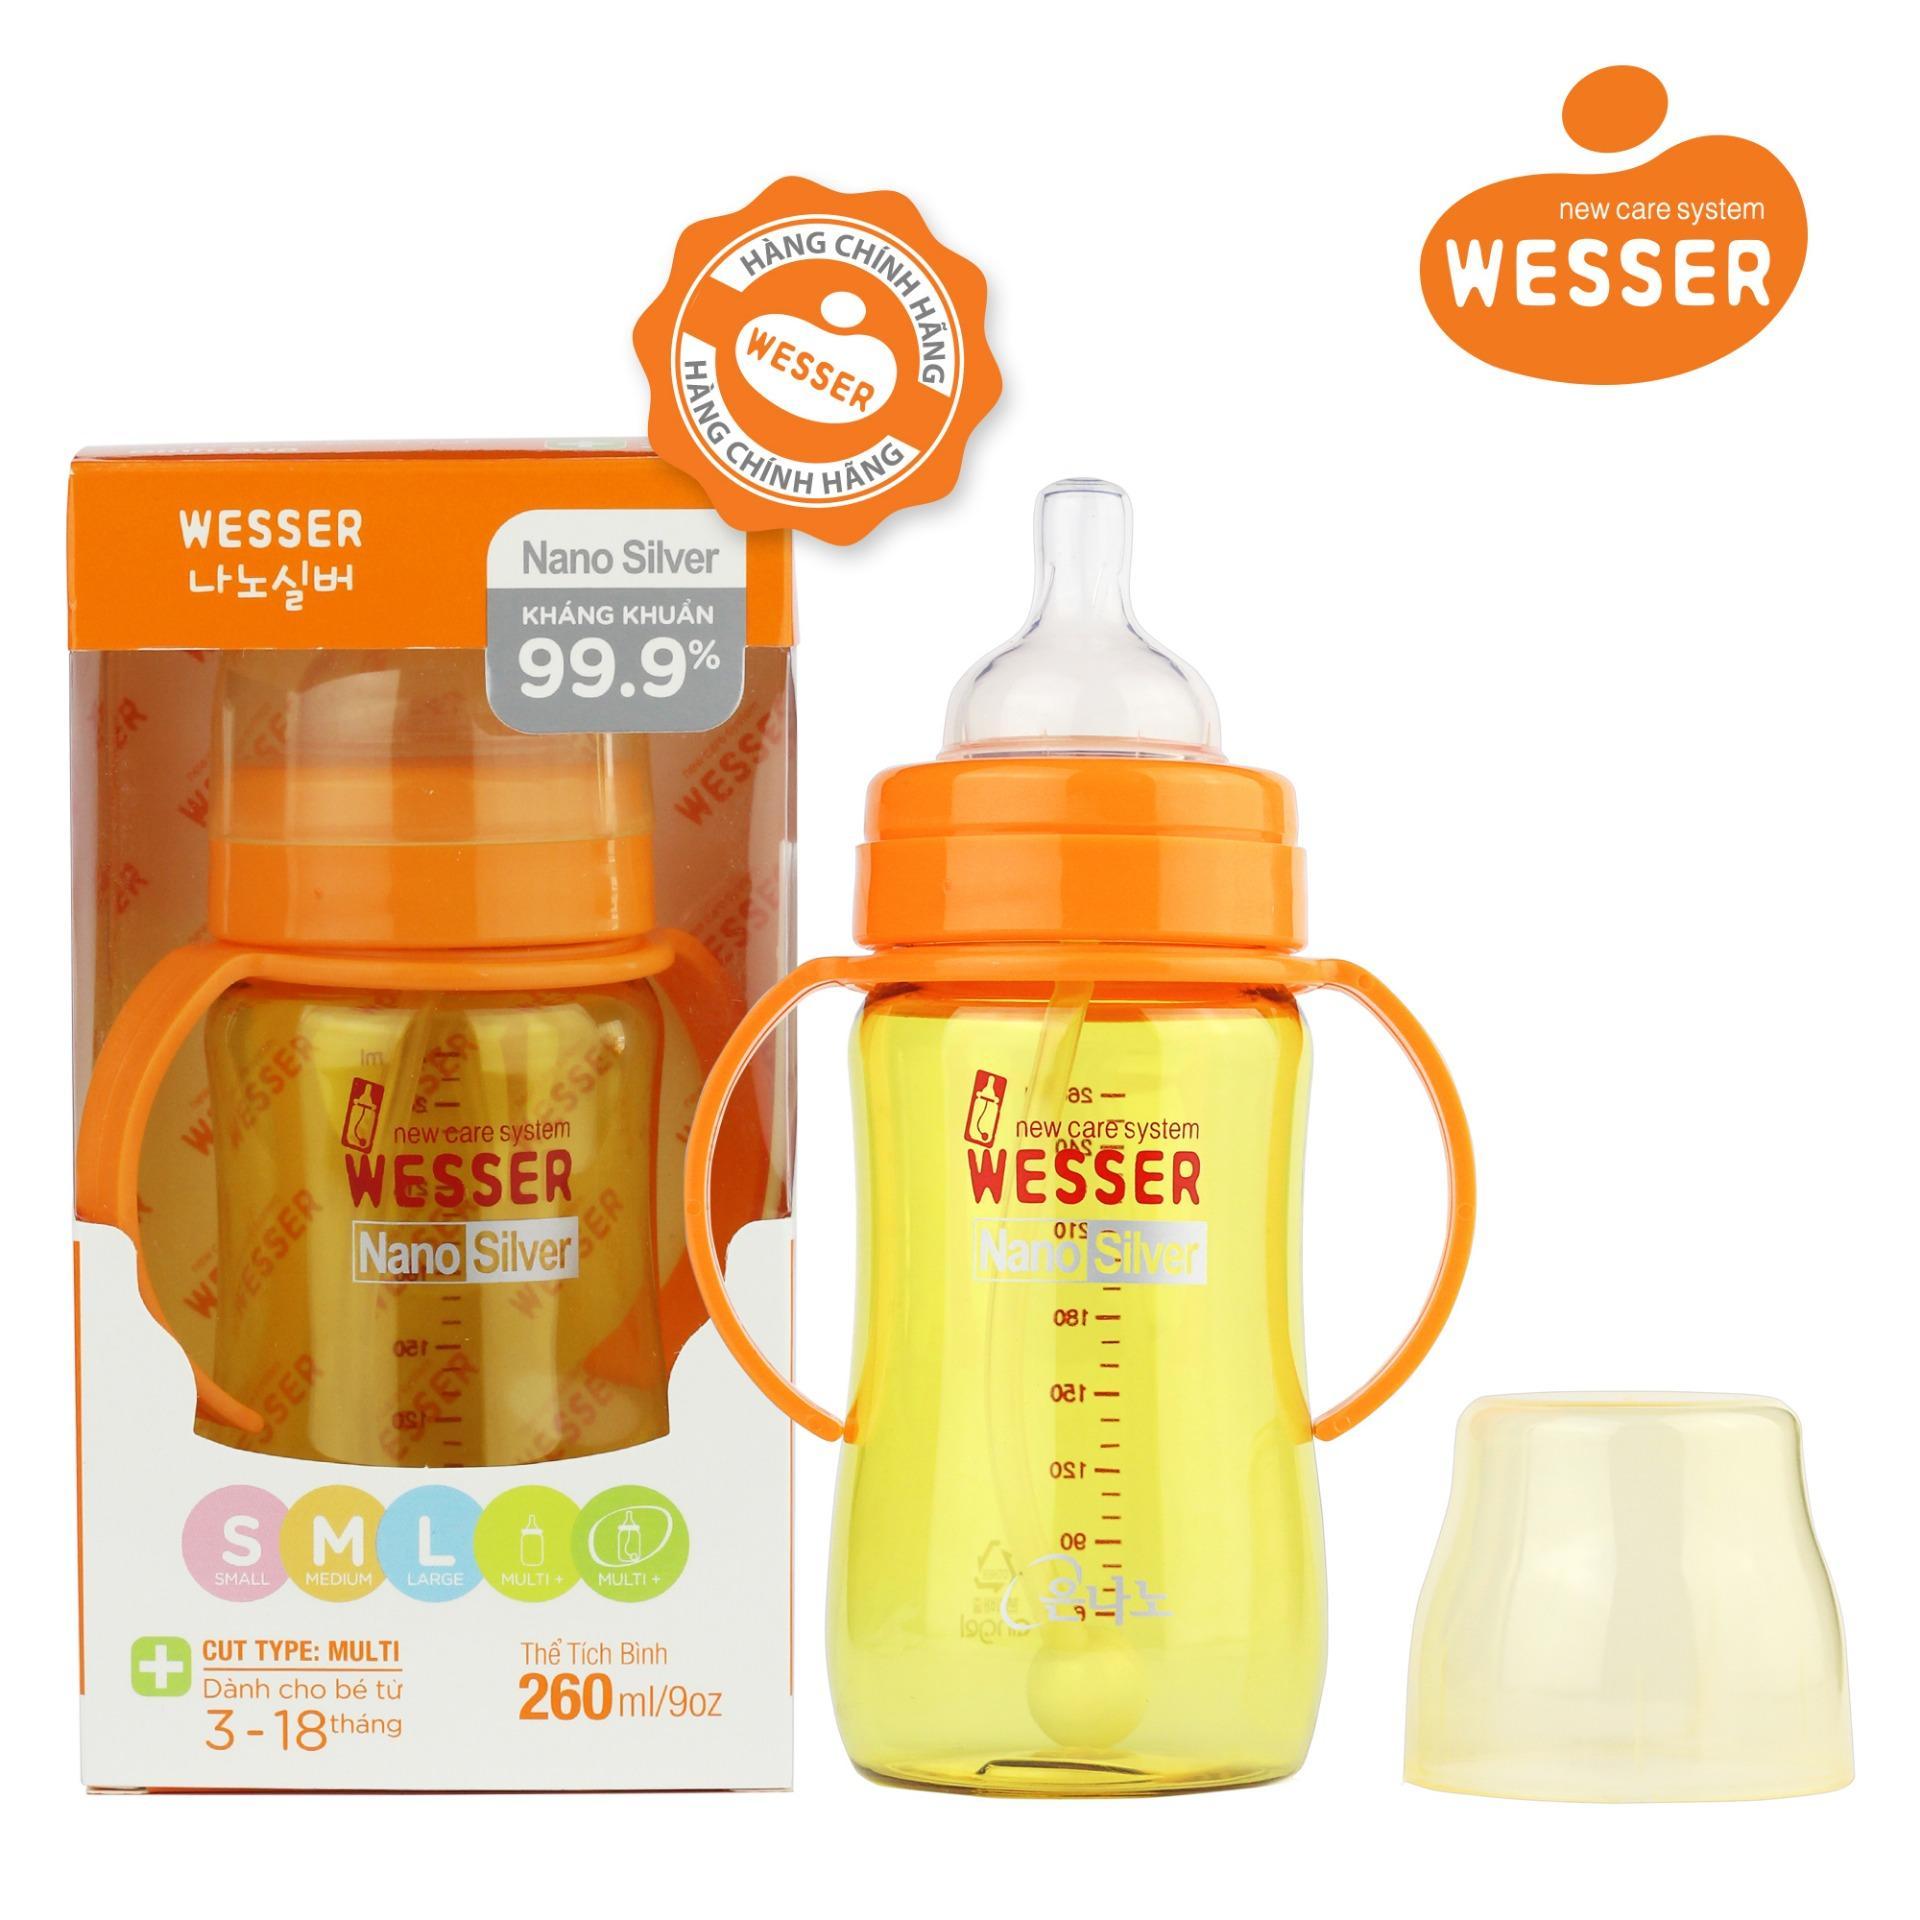 Mã Khuyến Mại Binh Sữa Wesser Nano Silver Cổ Rộng 260Ml Ống Mau Vang Wesser